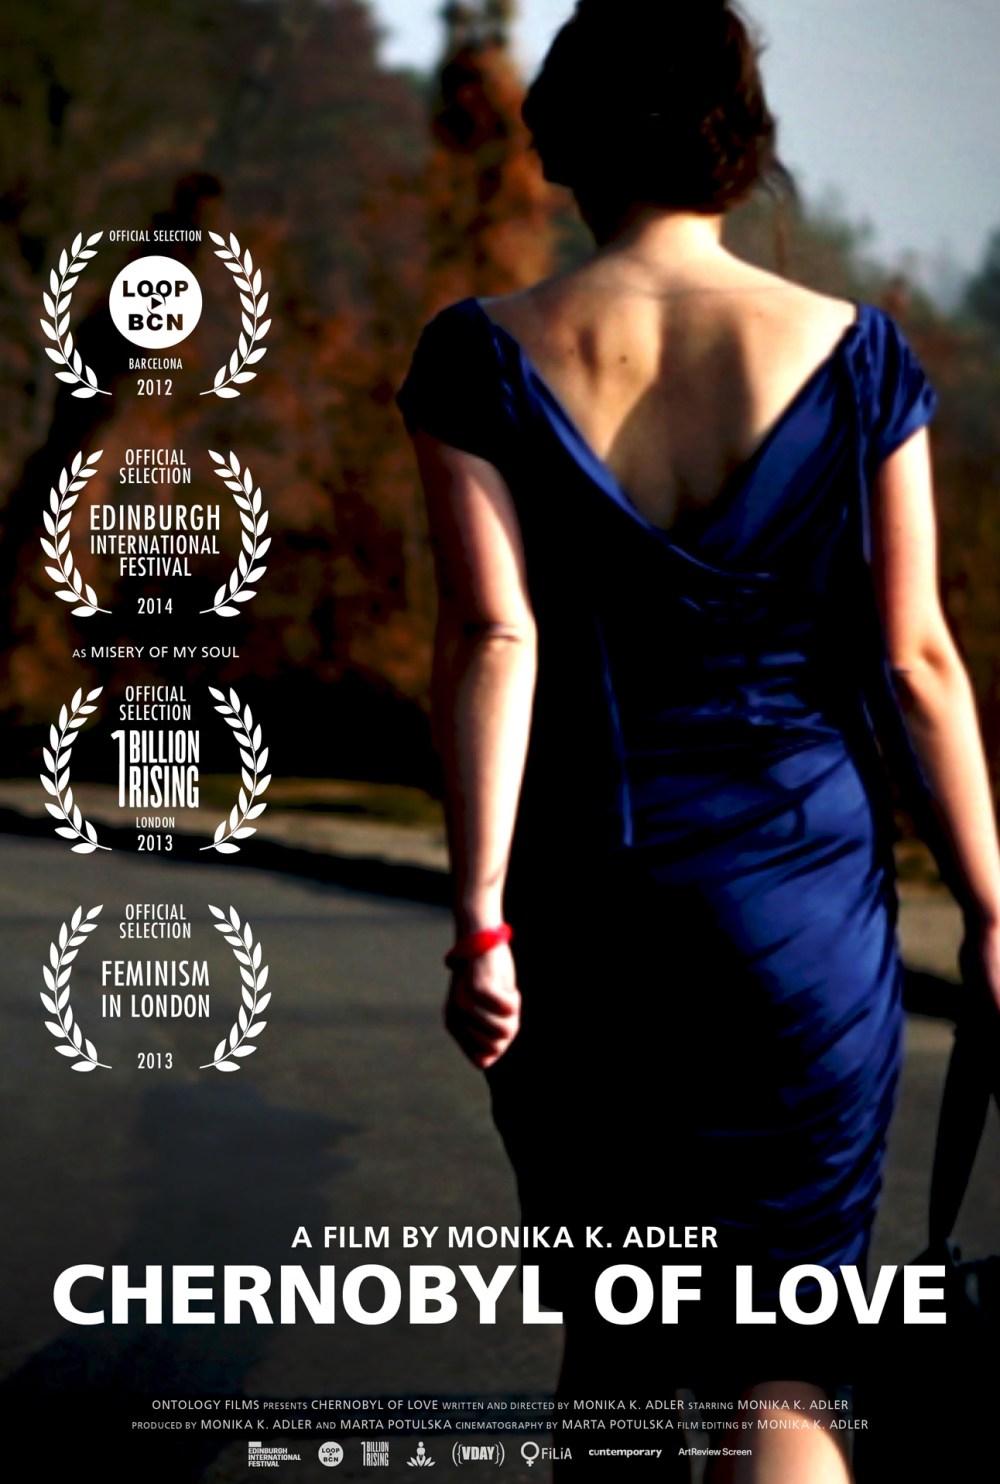 Monika K. Adler, Chernobyl of Love, 2012, film poster, Aeon Rose